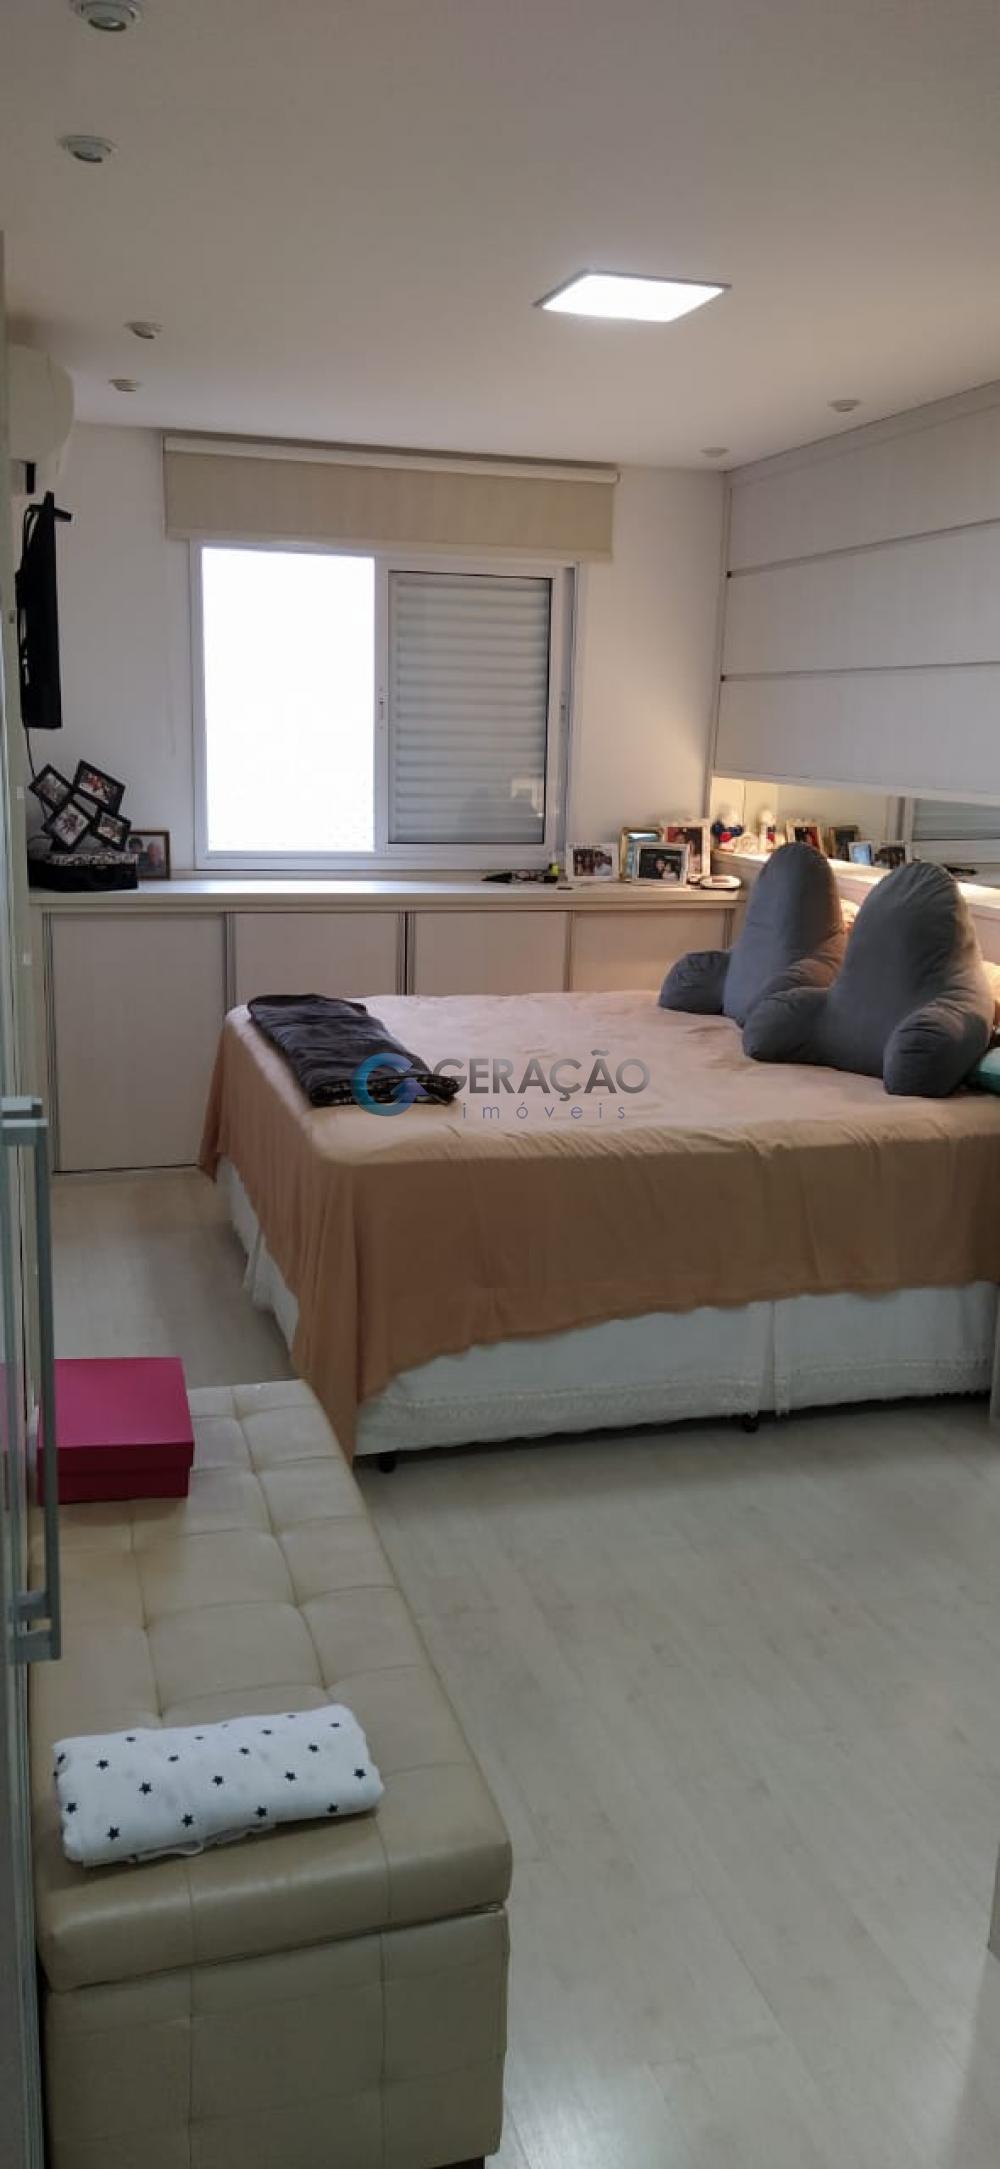 Comprar Apartamento / Padrão em São José dos Campos R$ 1.150.000,00 - Foto 10